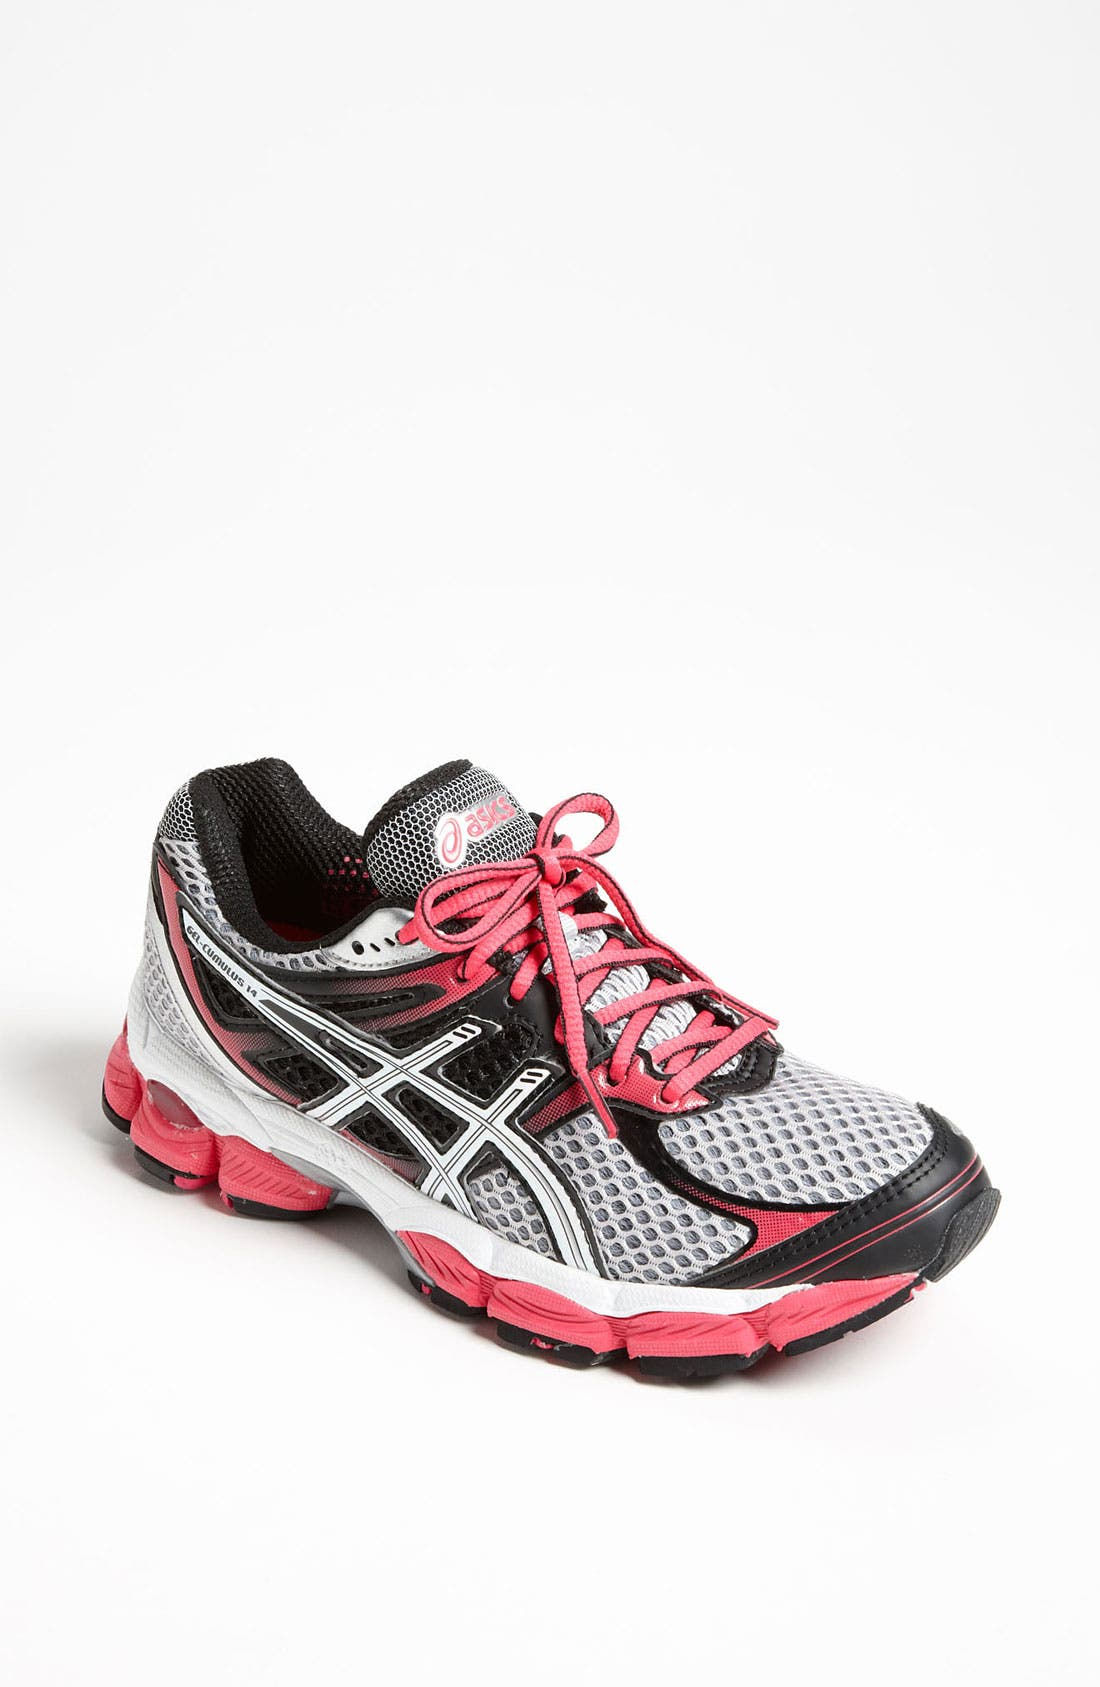 Alternate Image 1 Selected - ASICS® 'GEL-Cumulus 14' Running Shoe (Women)(Retail Price: $109.95)